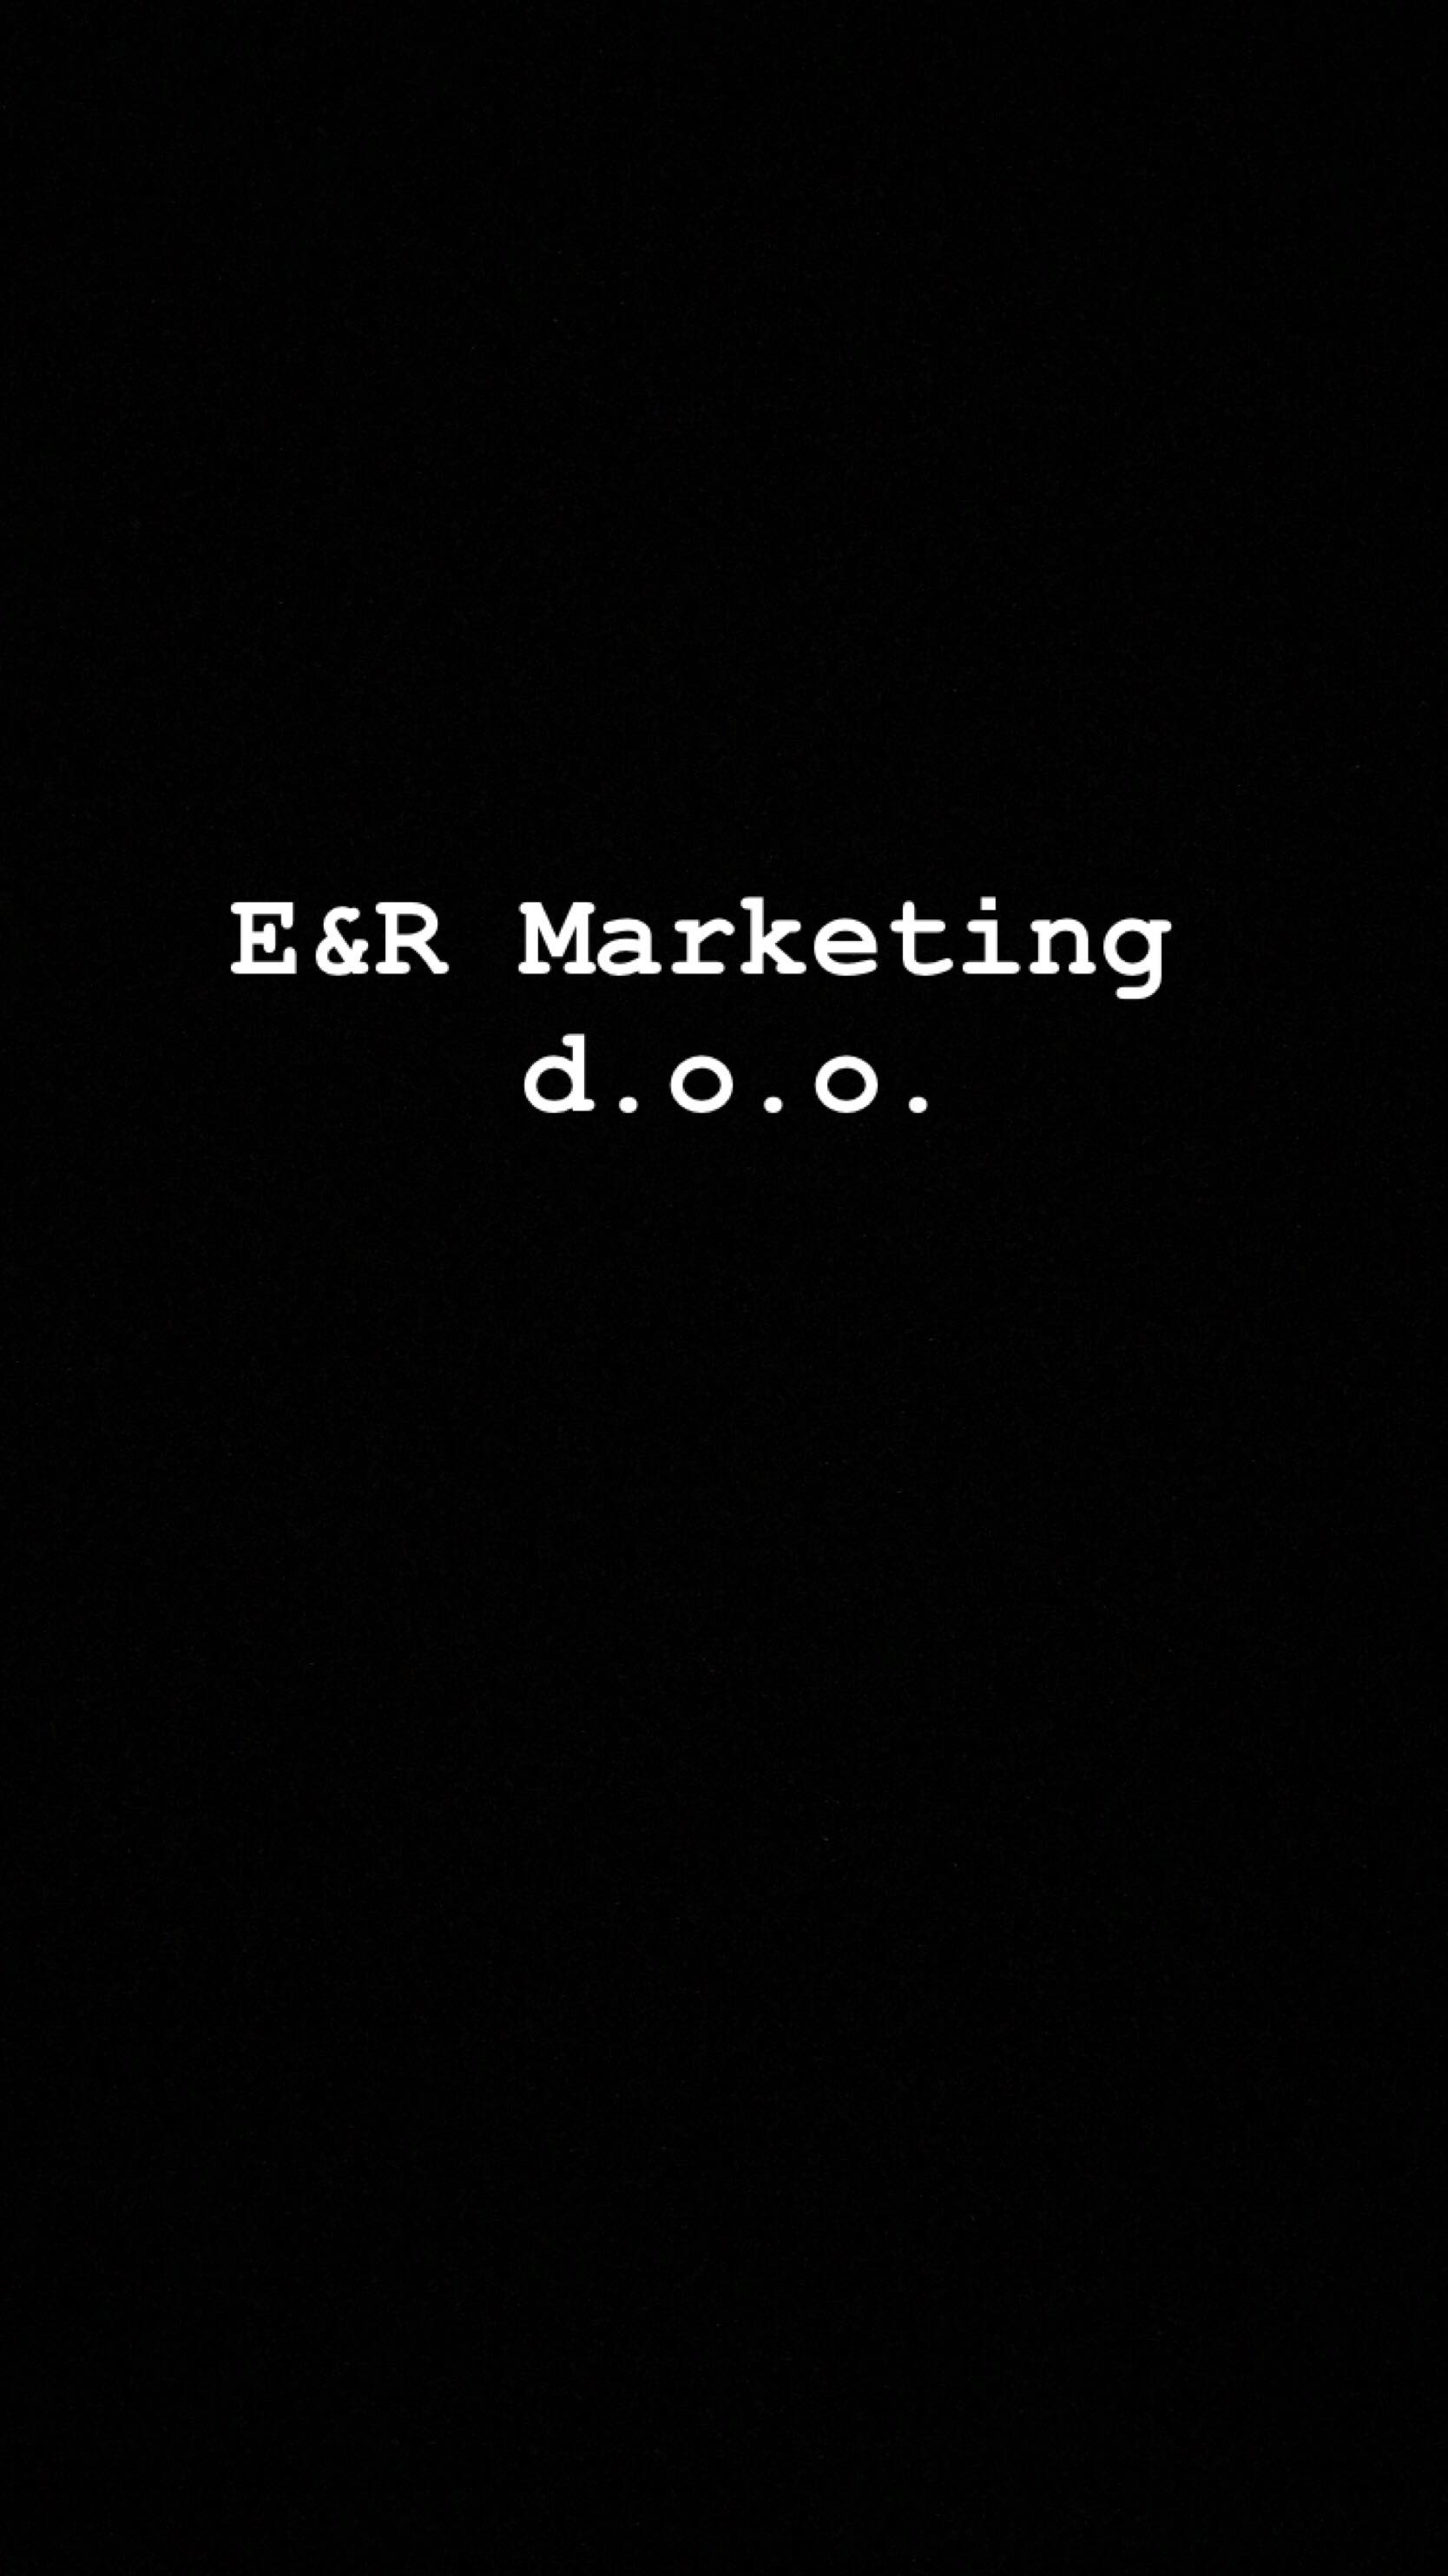 E&R 020 MARKETING DOO